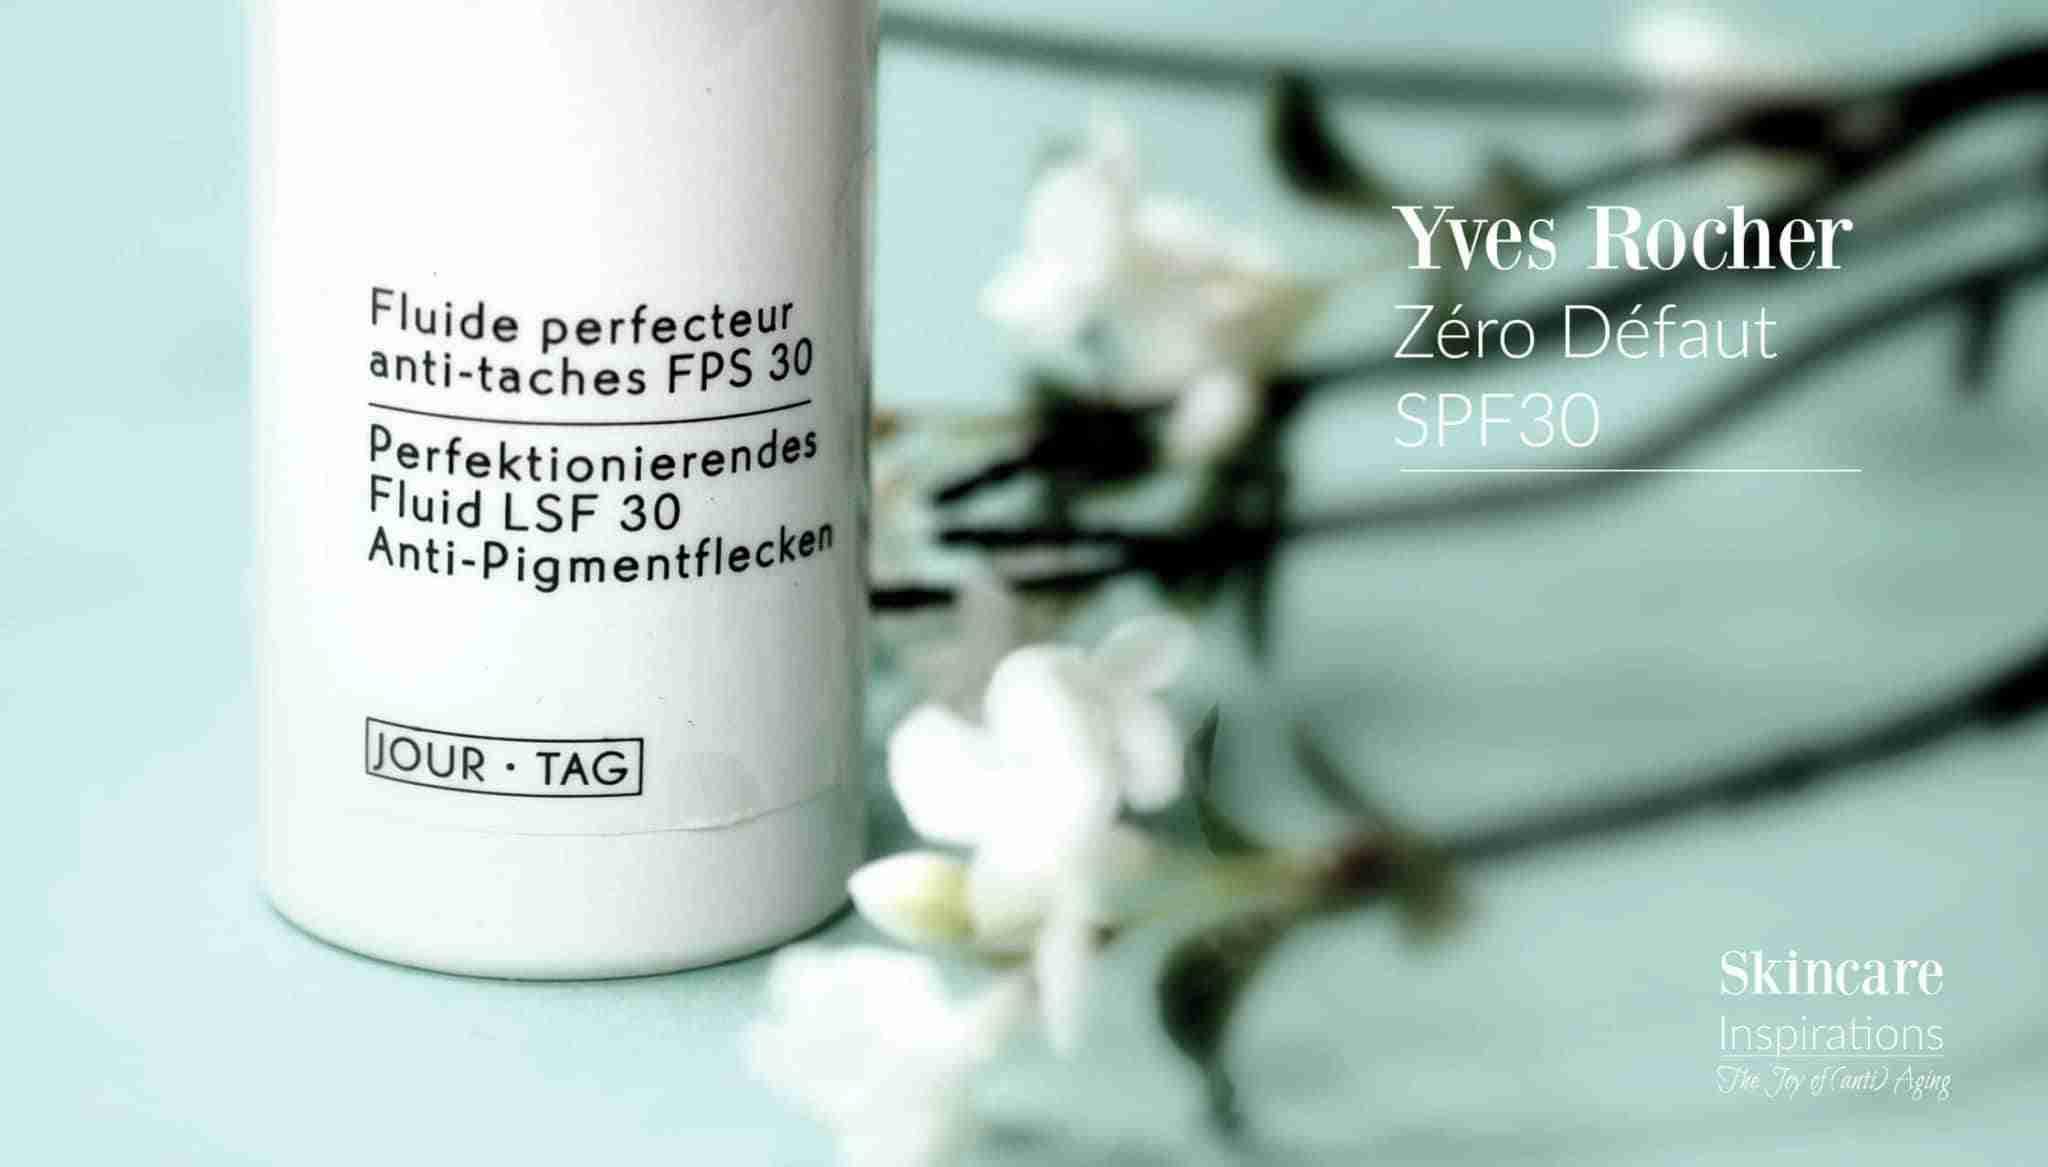 Yves Rocher Sonnenschutz für ölige Haut Zero Defaut Tagespflege SPF30